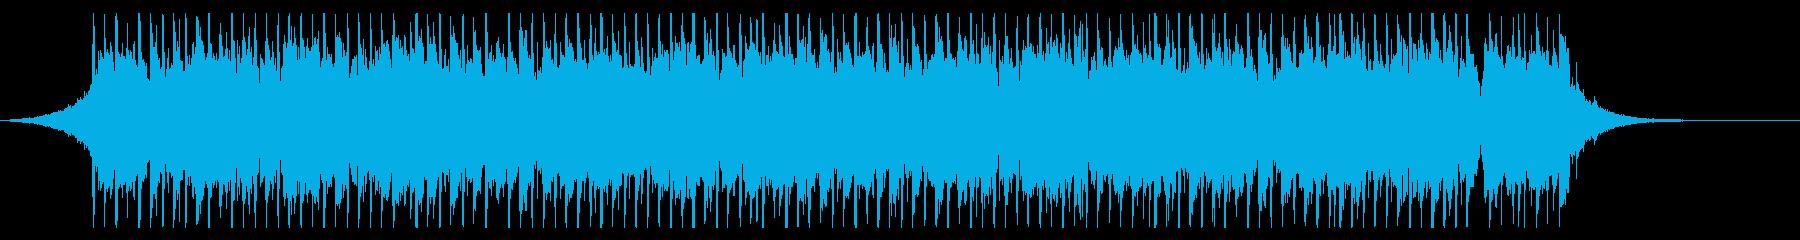 建物(40秒)の再生済みの波形